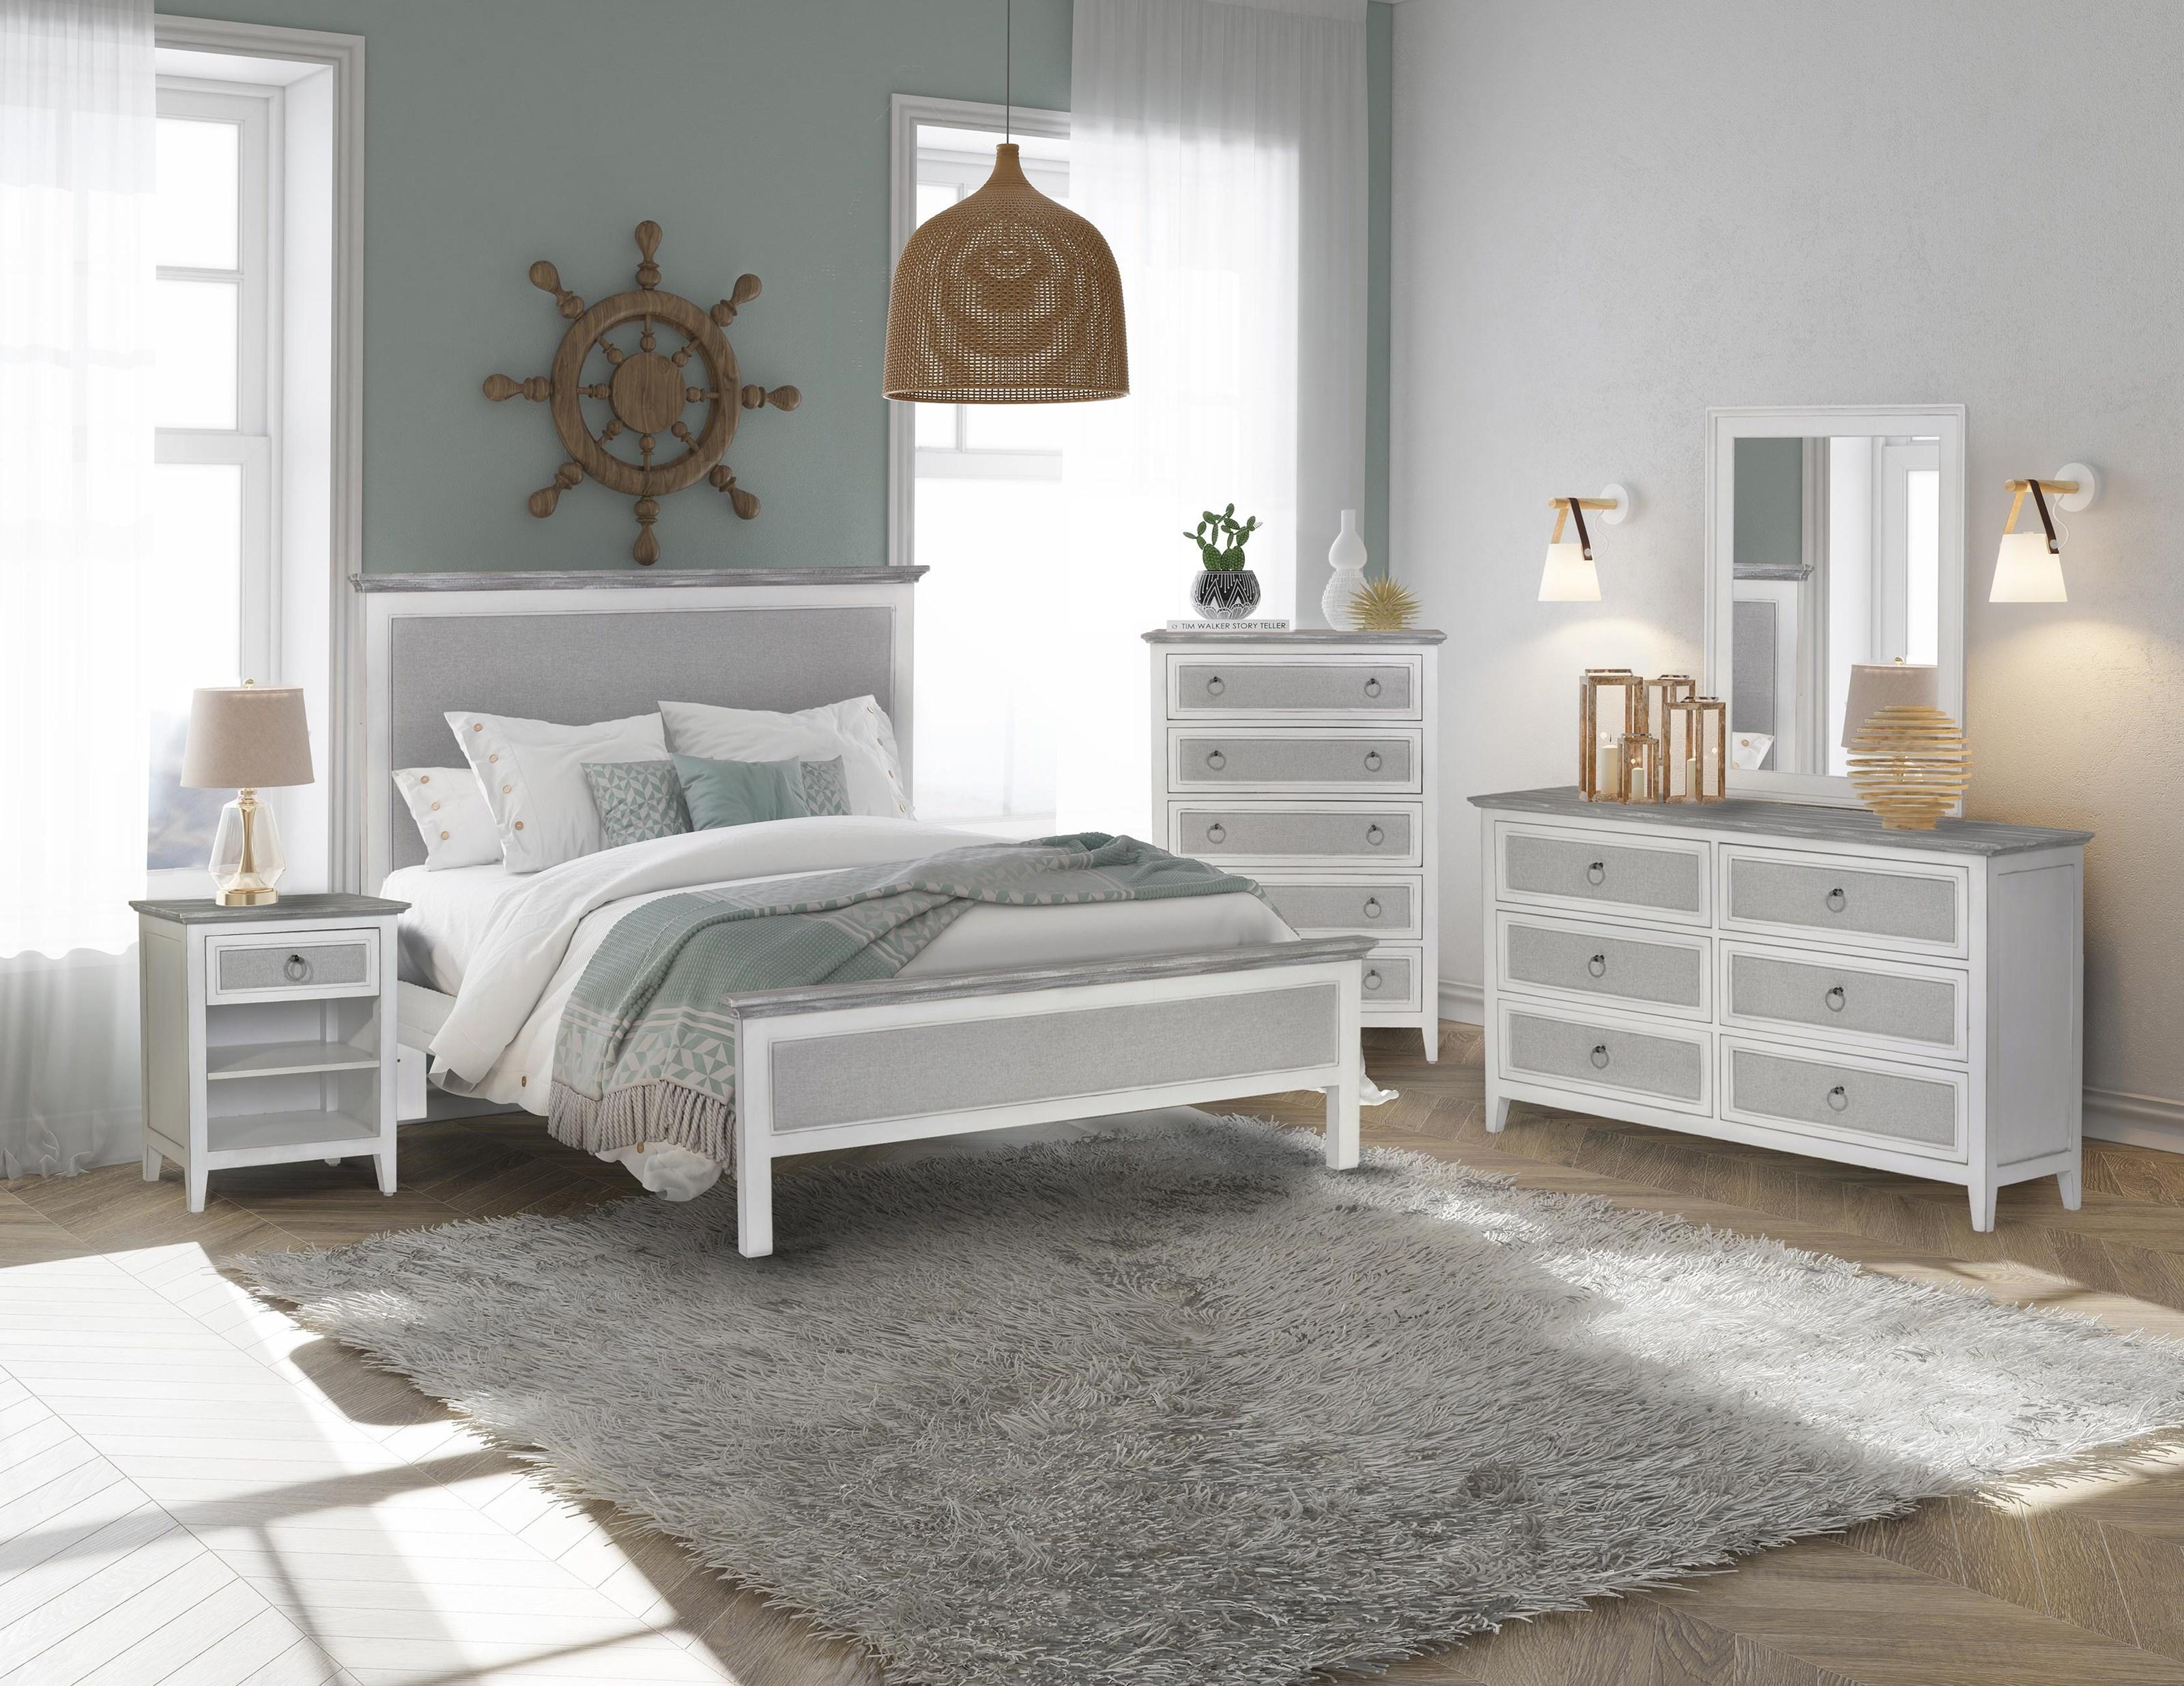 Captiva Island King bedroom group by Sea Winds Trading Company at Johnny Janosik